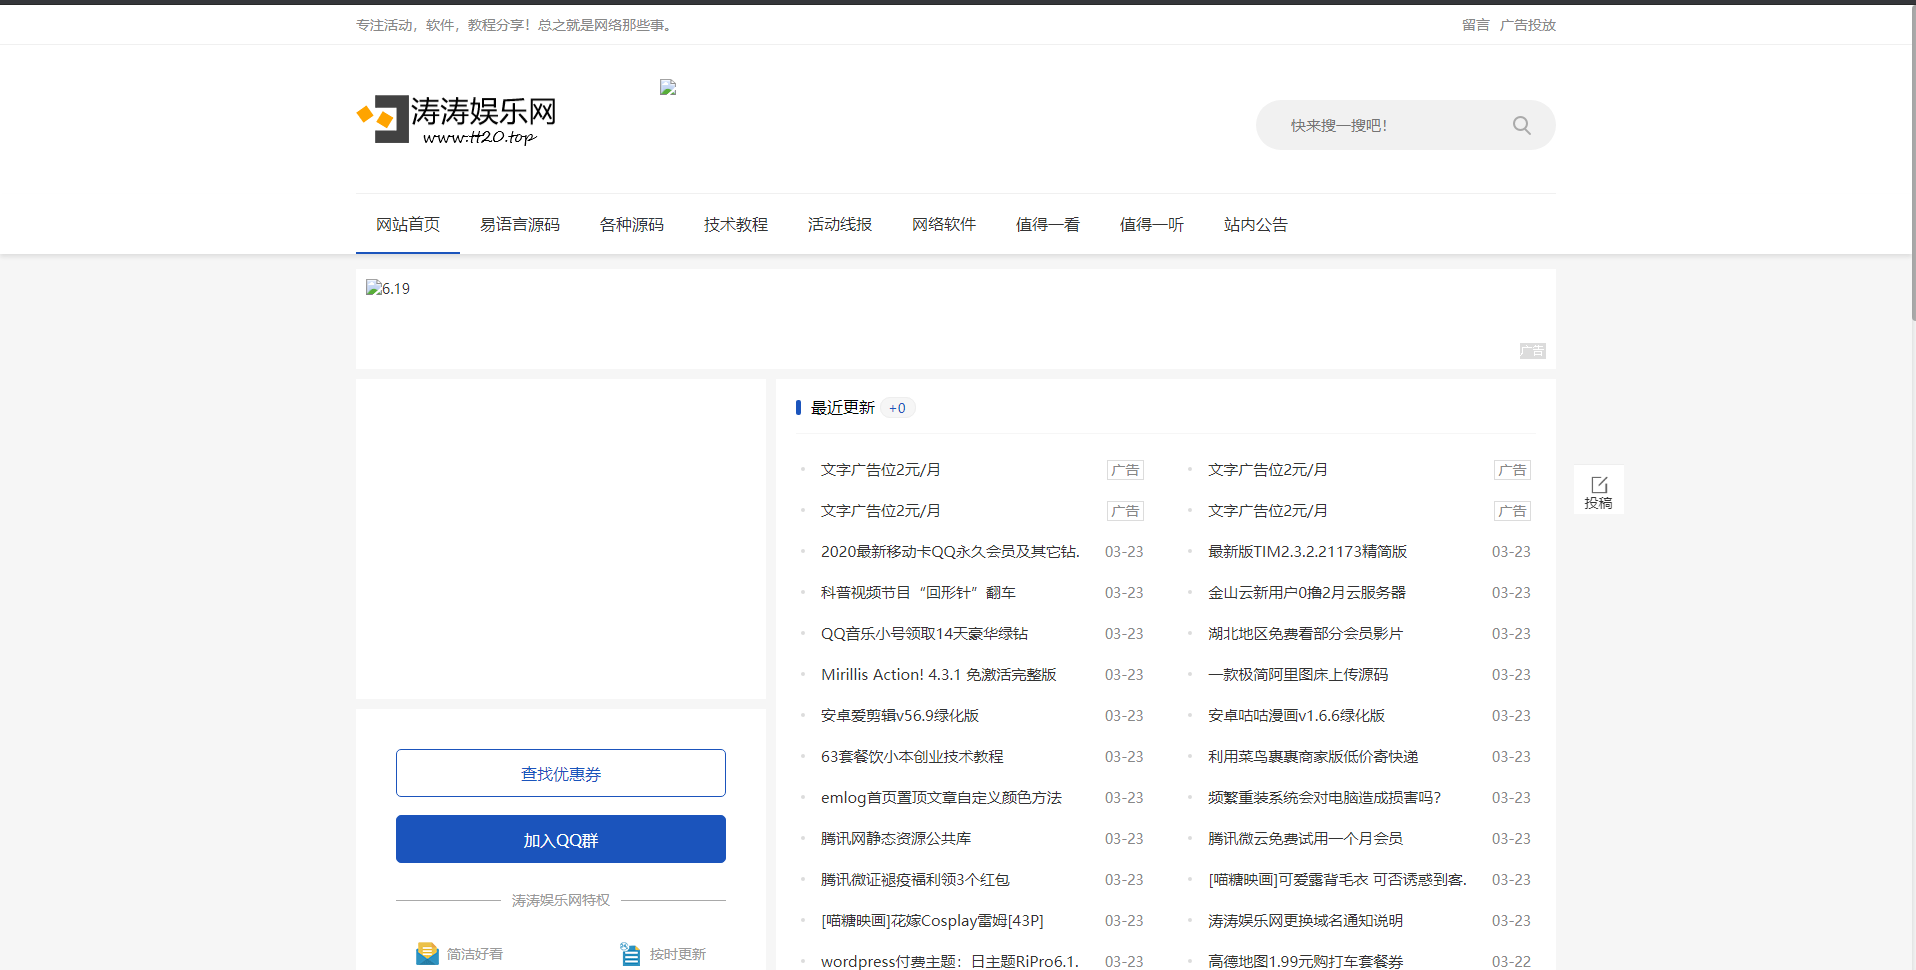 emlog涛涛娱乐网源码自带200多条数据打包